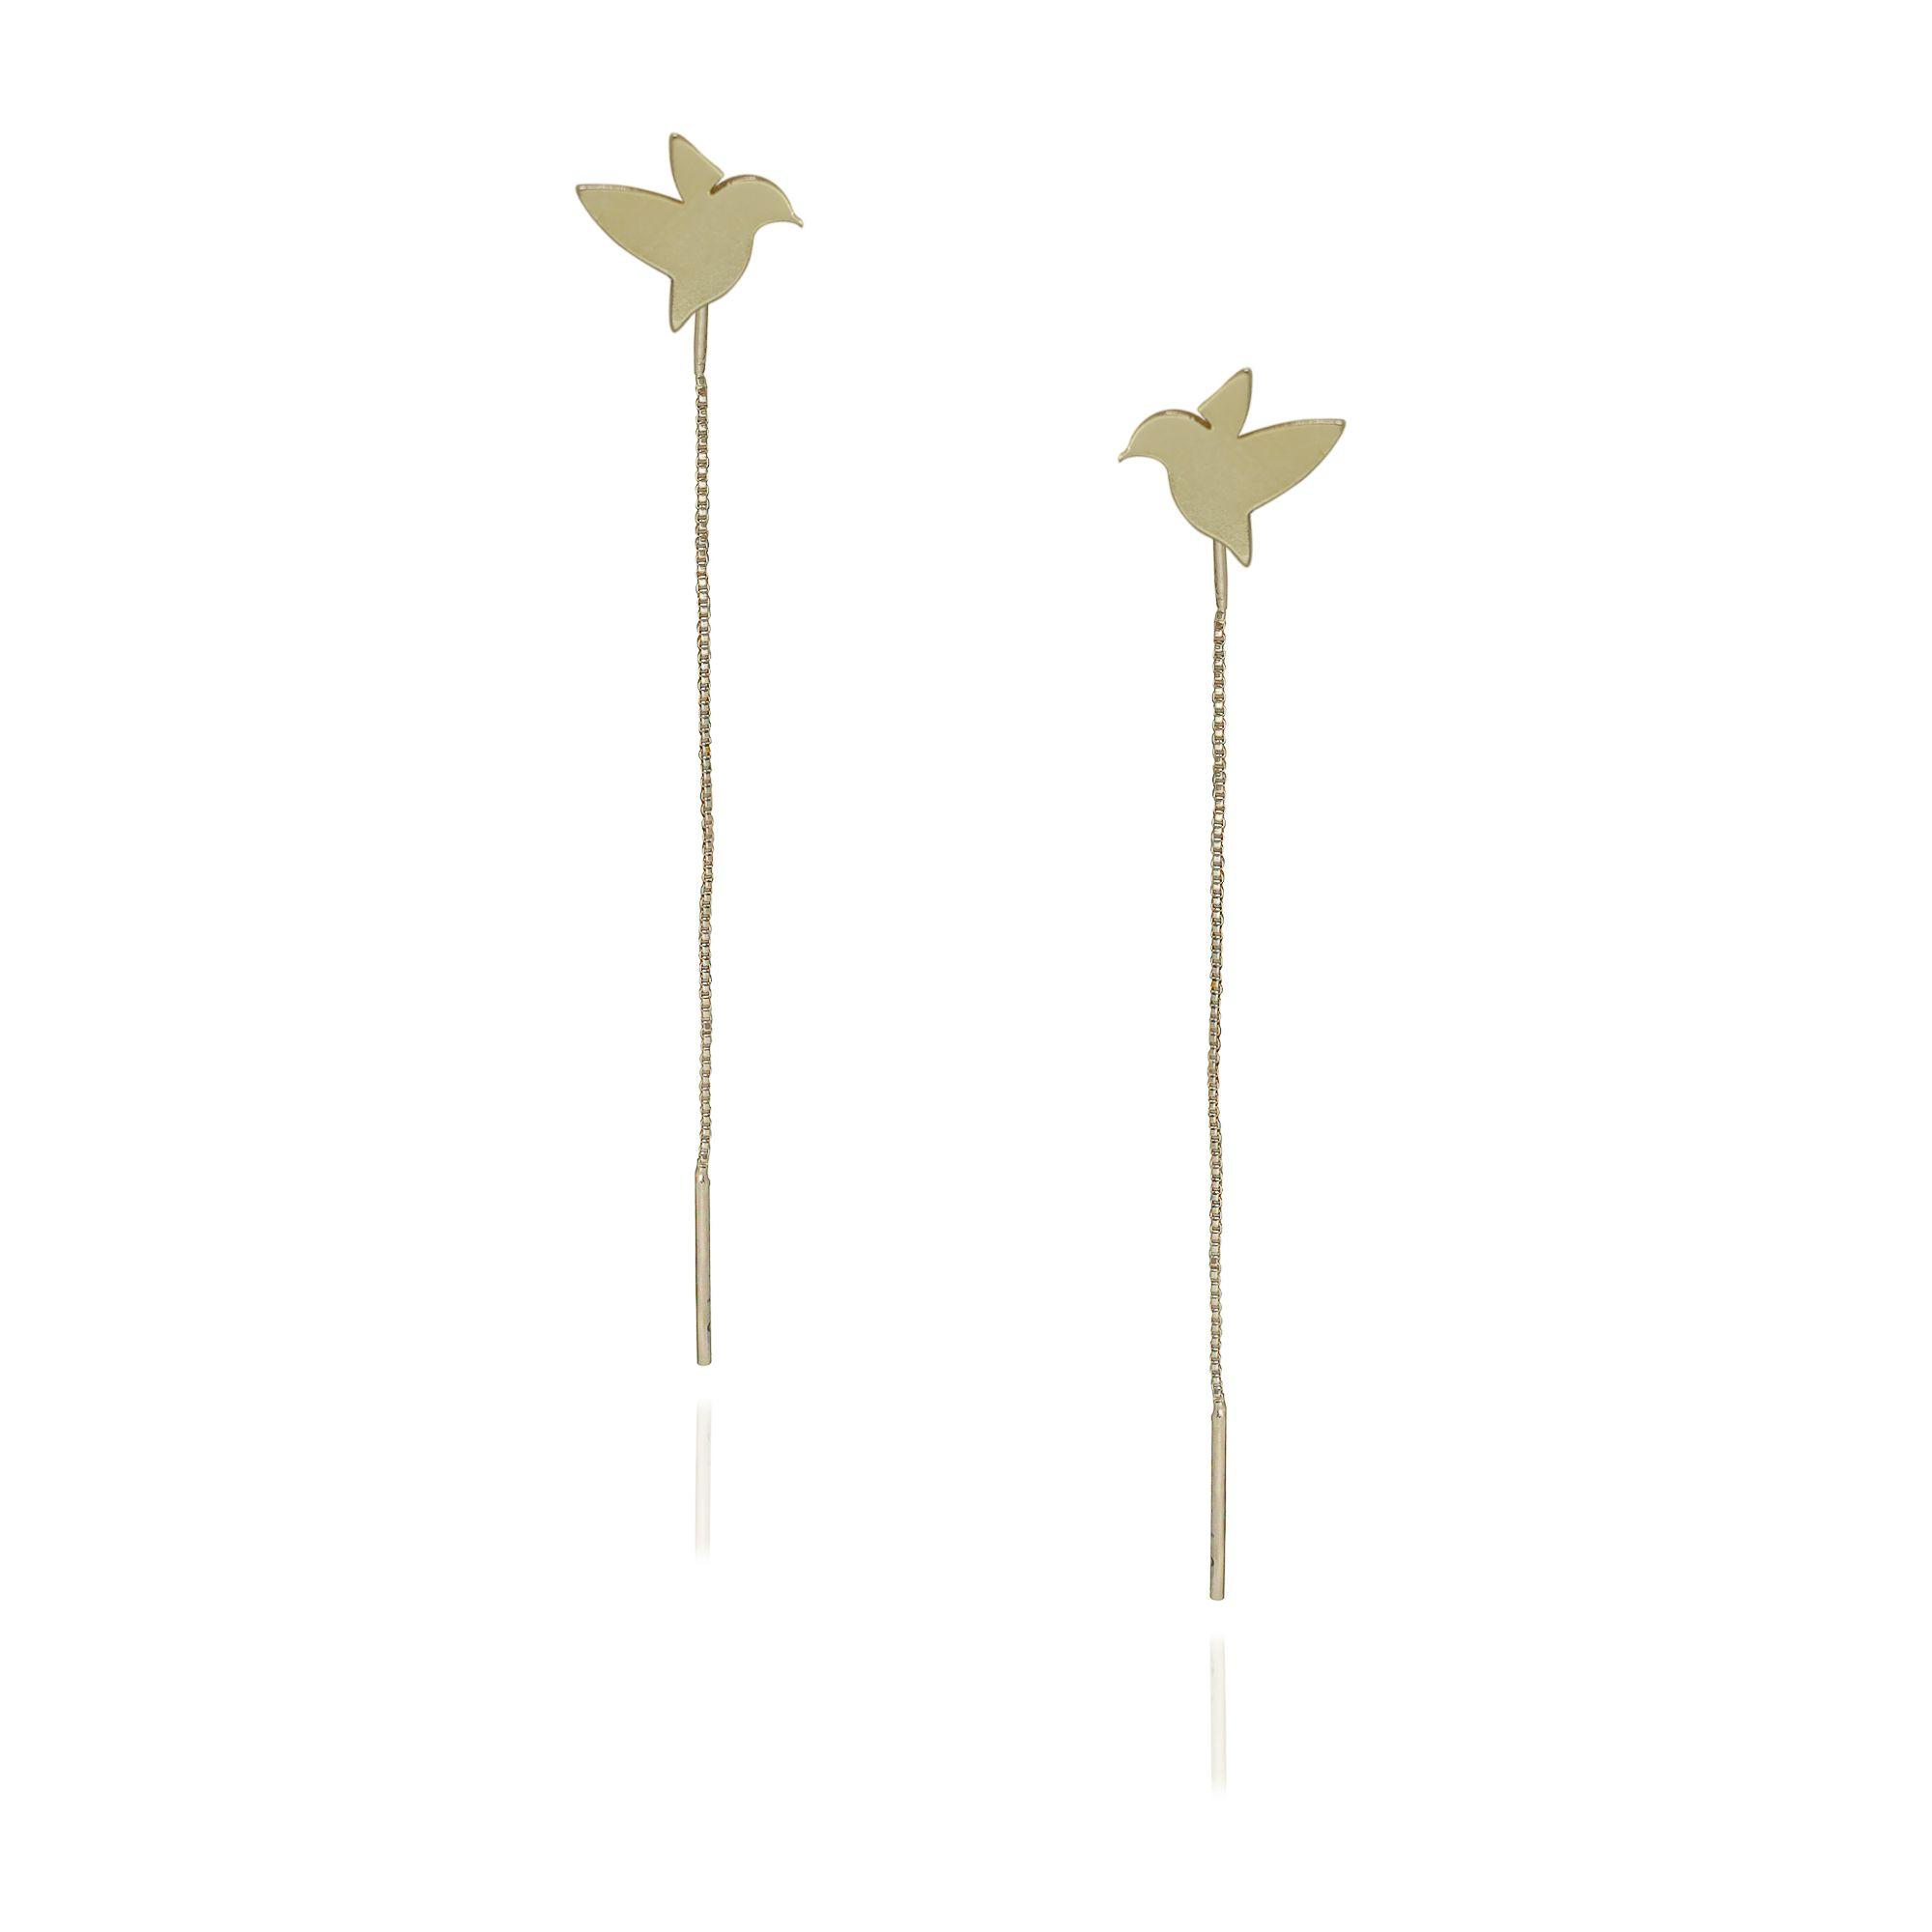 Brinco Semi joia  pássaros Beija Flor com corrente folheado a ouro  18k ou rhodium